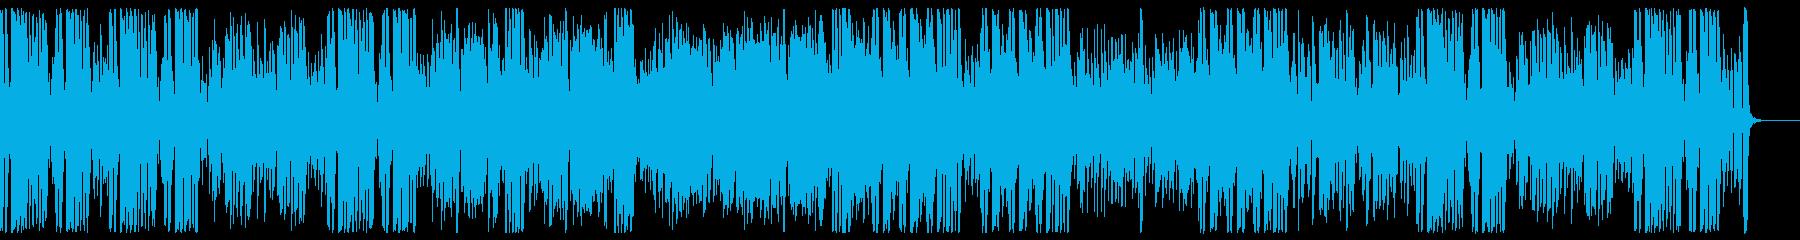 豪華・疾走感・明るい ビッグバンドジャズの再生済みの波形